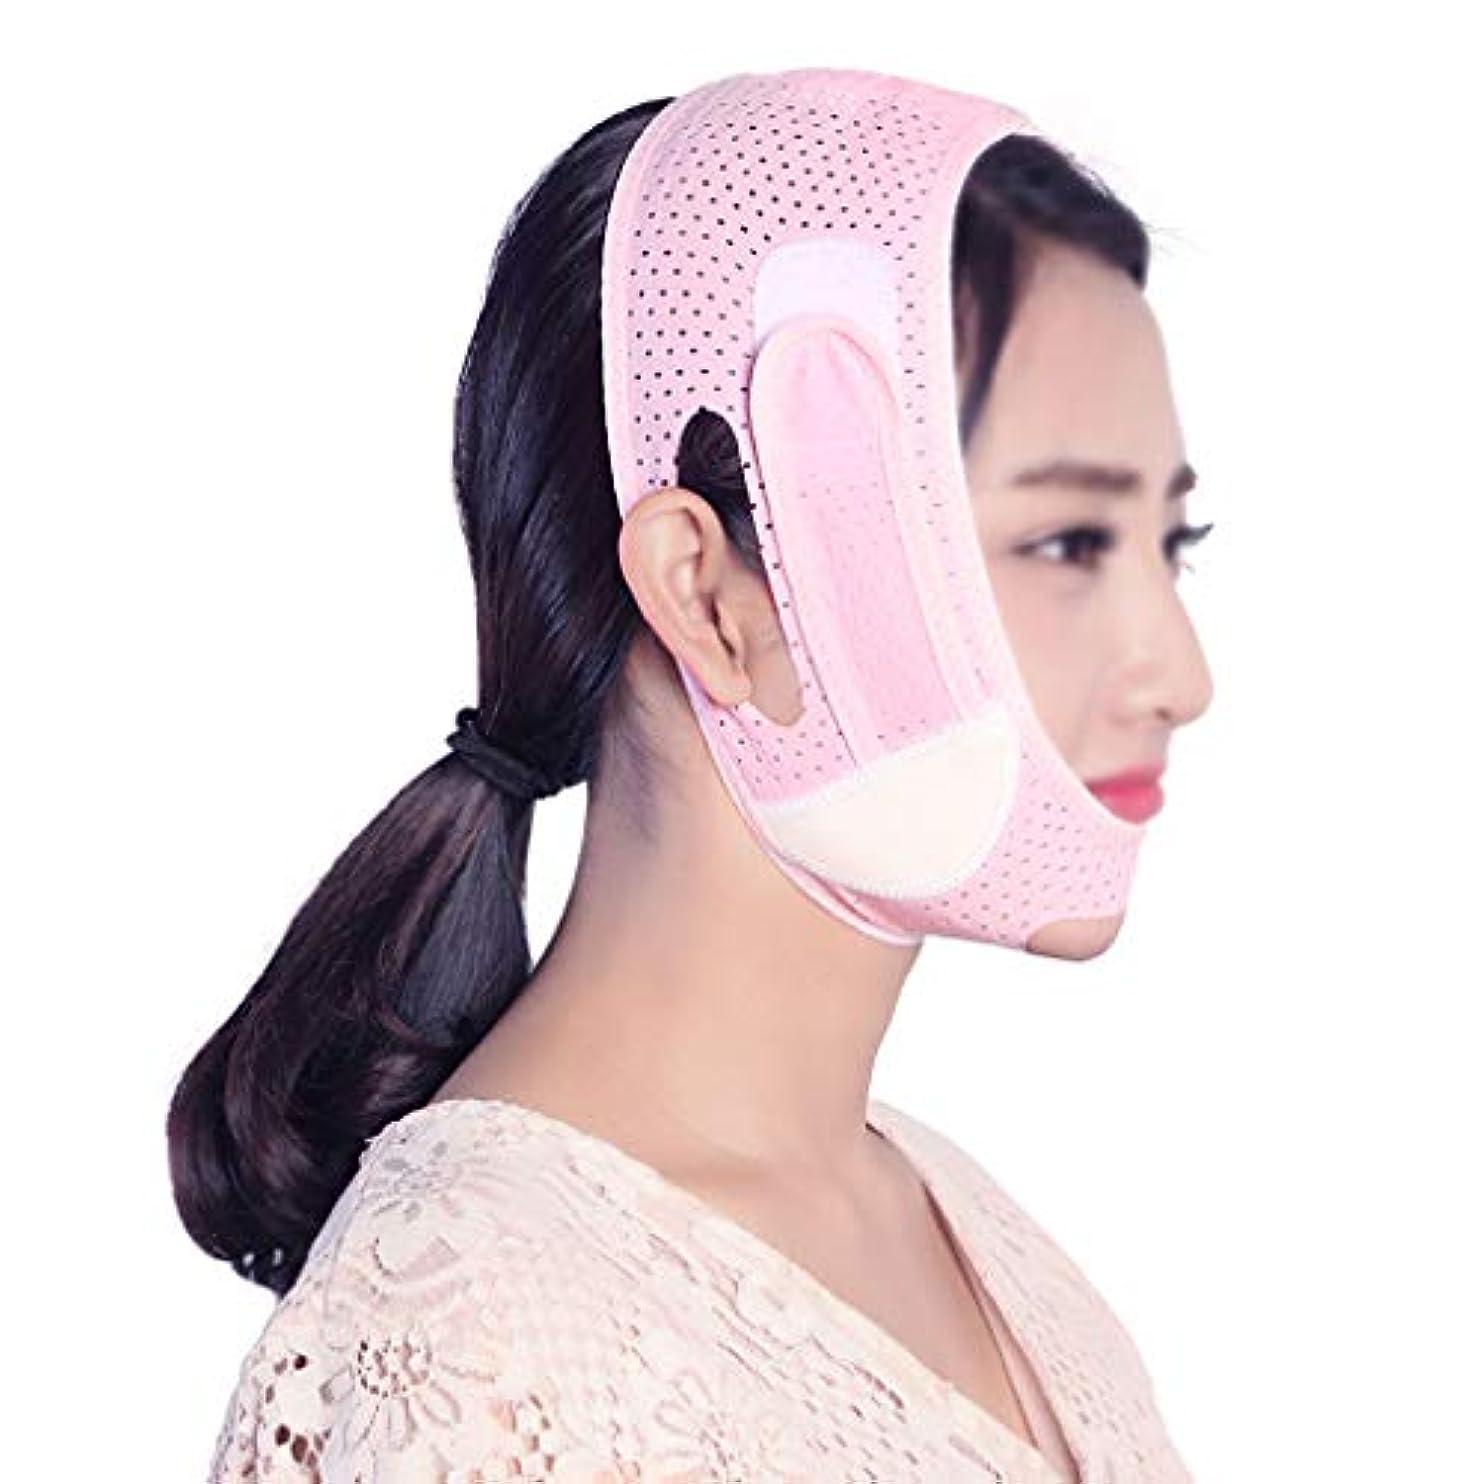 バナナ気楽な配送GLJJQMY スリムな包帯フェイシャルトリートメント強化フェイシャルチークV型アンチリンクルダブルチンビューティツール 顔用整形マスク